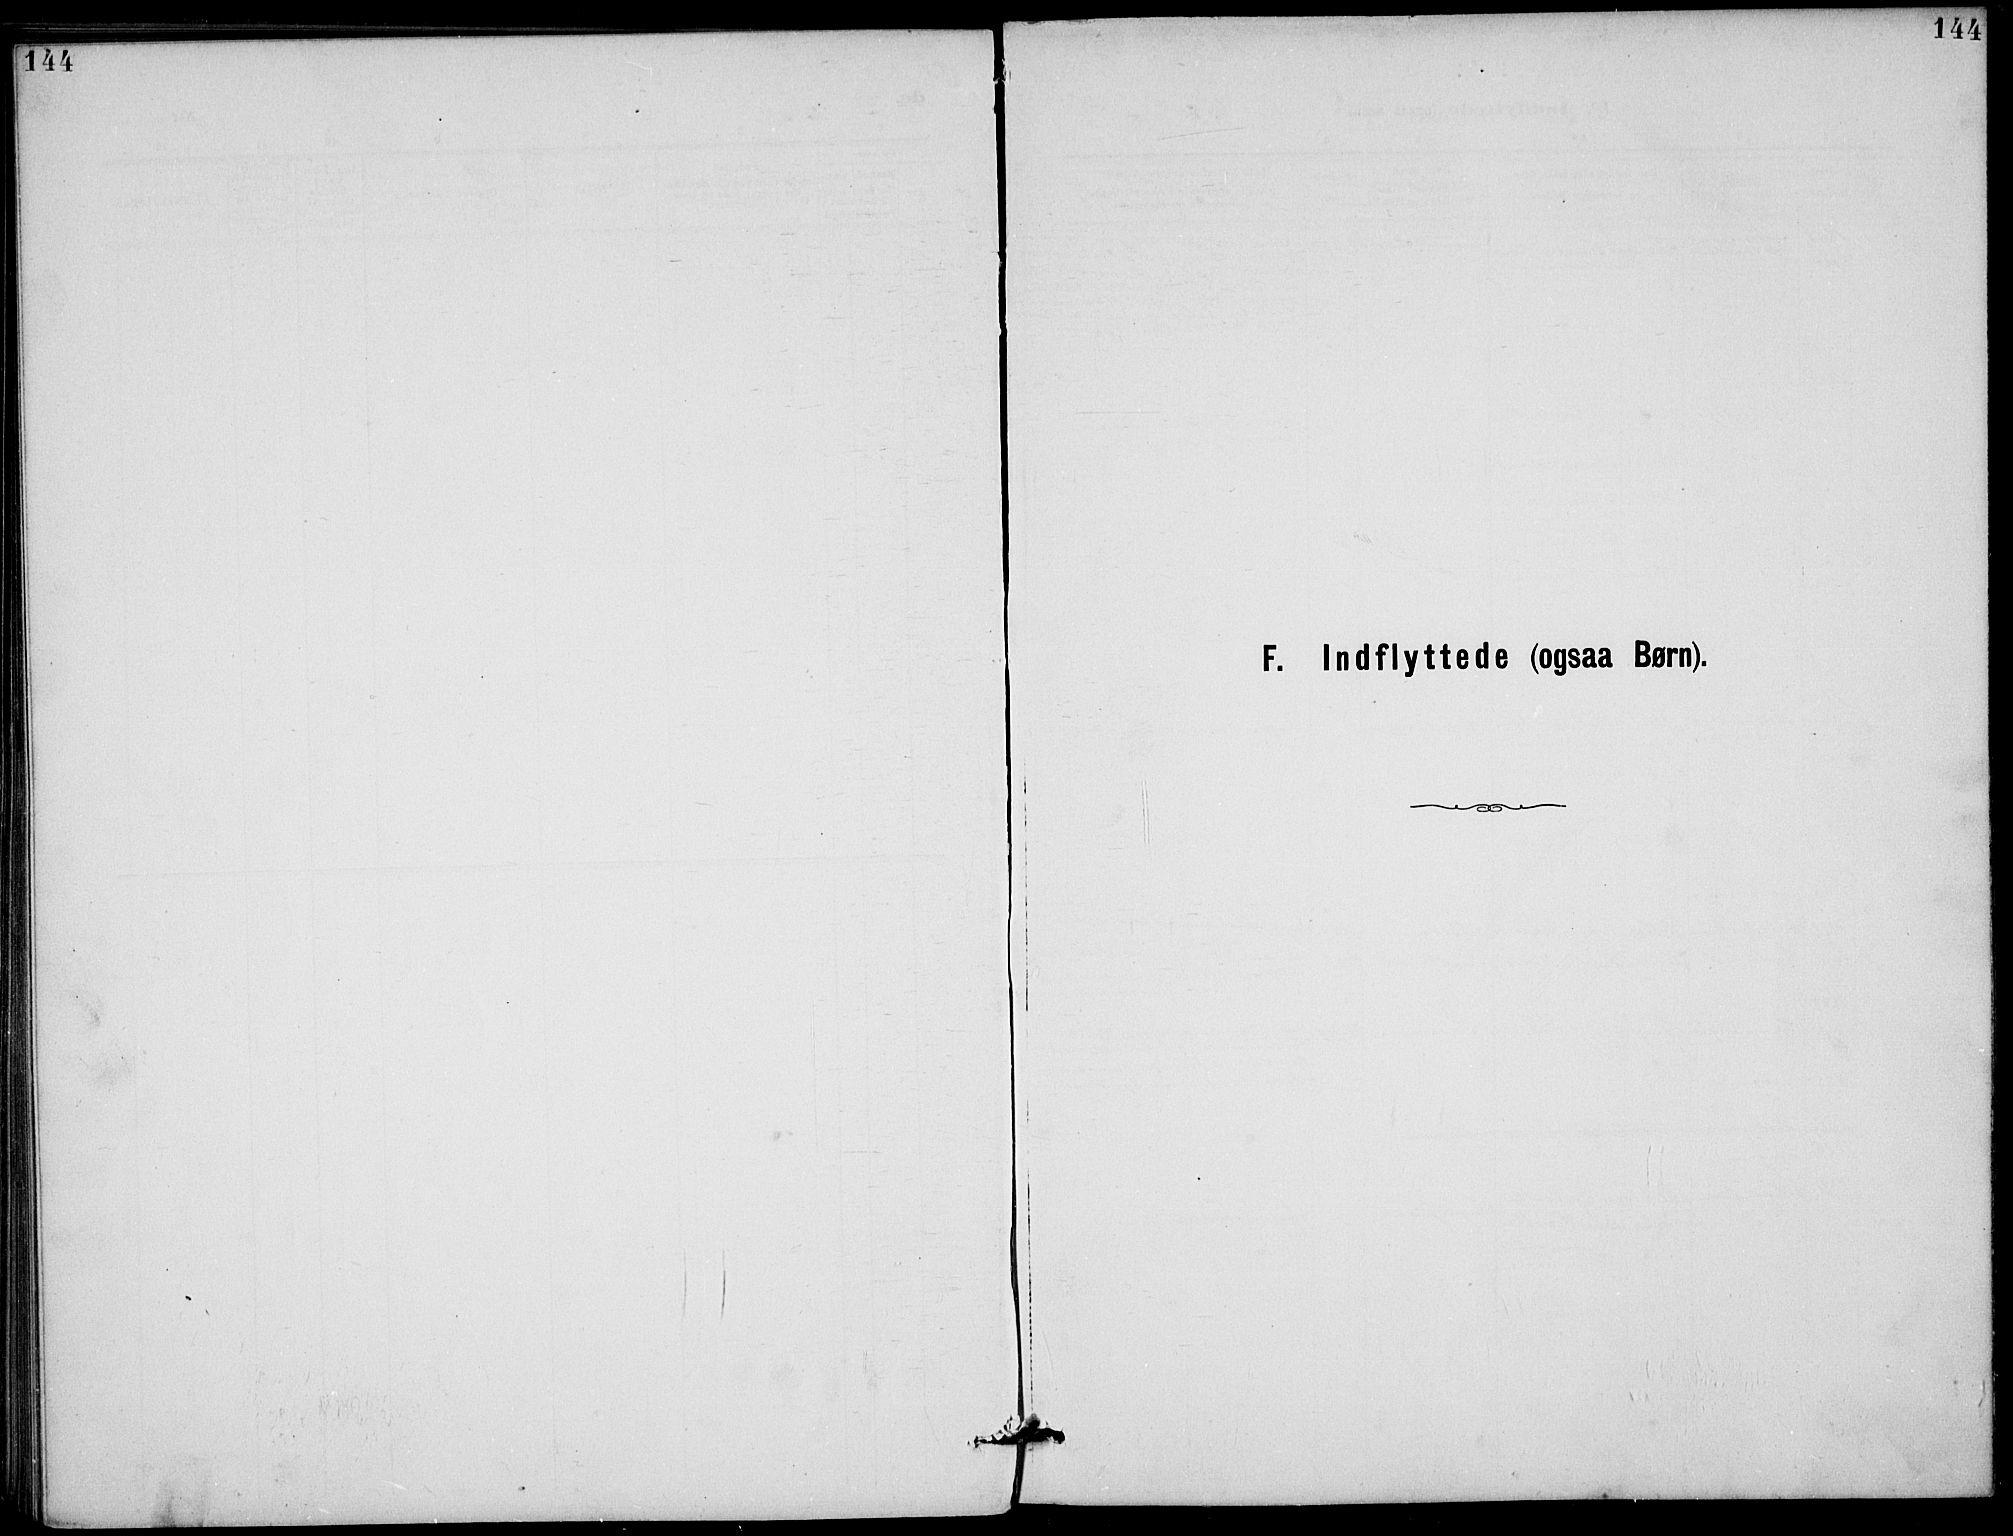 SAKO, Rjukan kirkebøker, G/Ga/L0001: Klokkerbok nr. 1, 1880-1914, s. 144